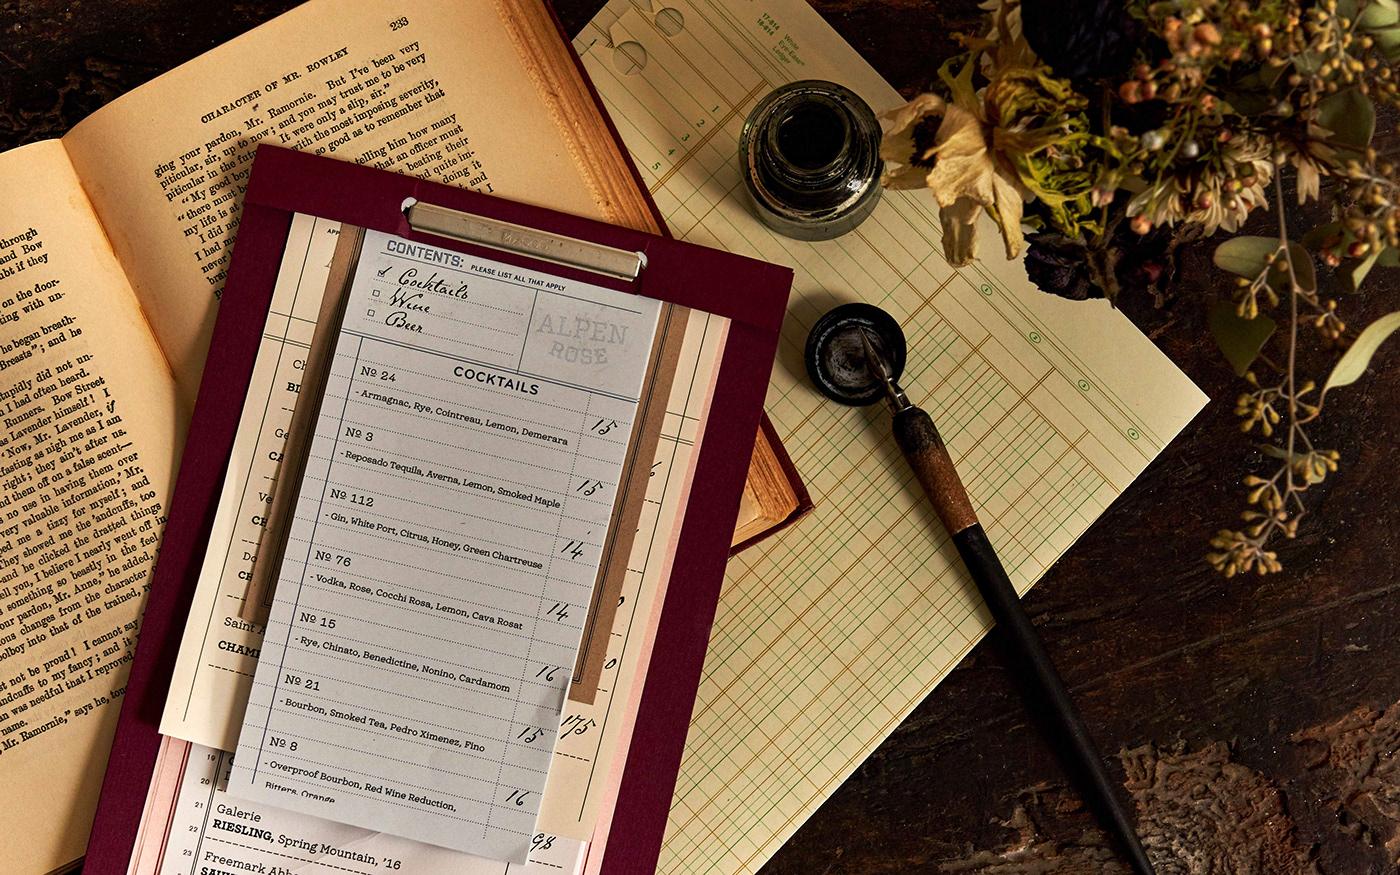 Image may contain: indoor, menu and handwriting